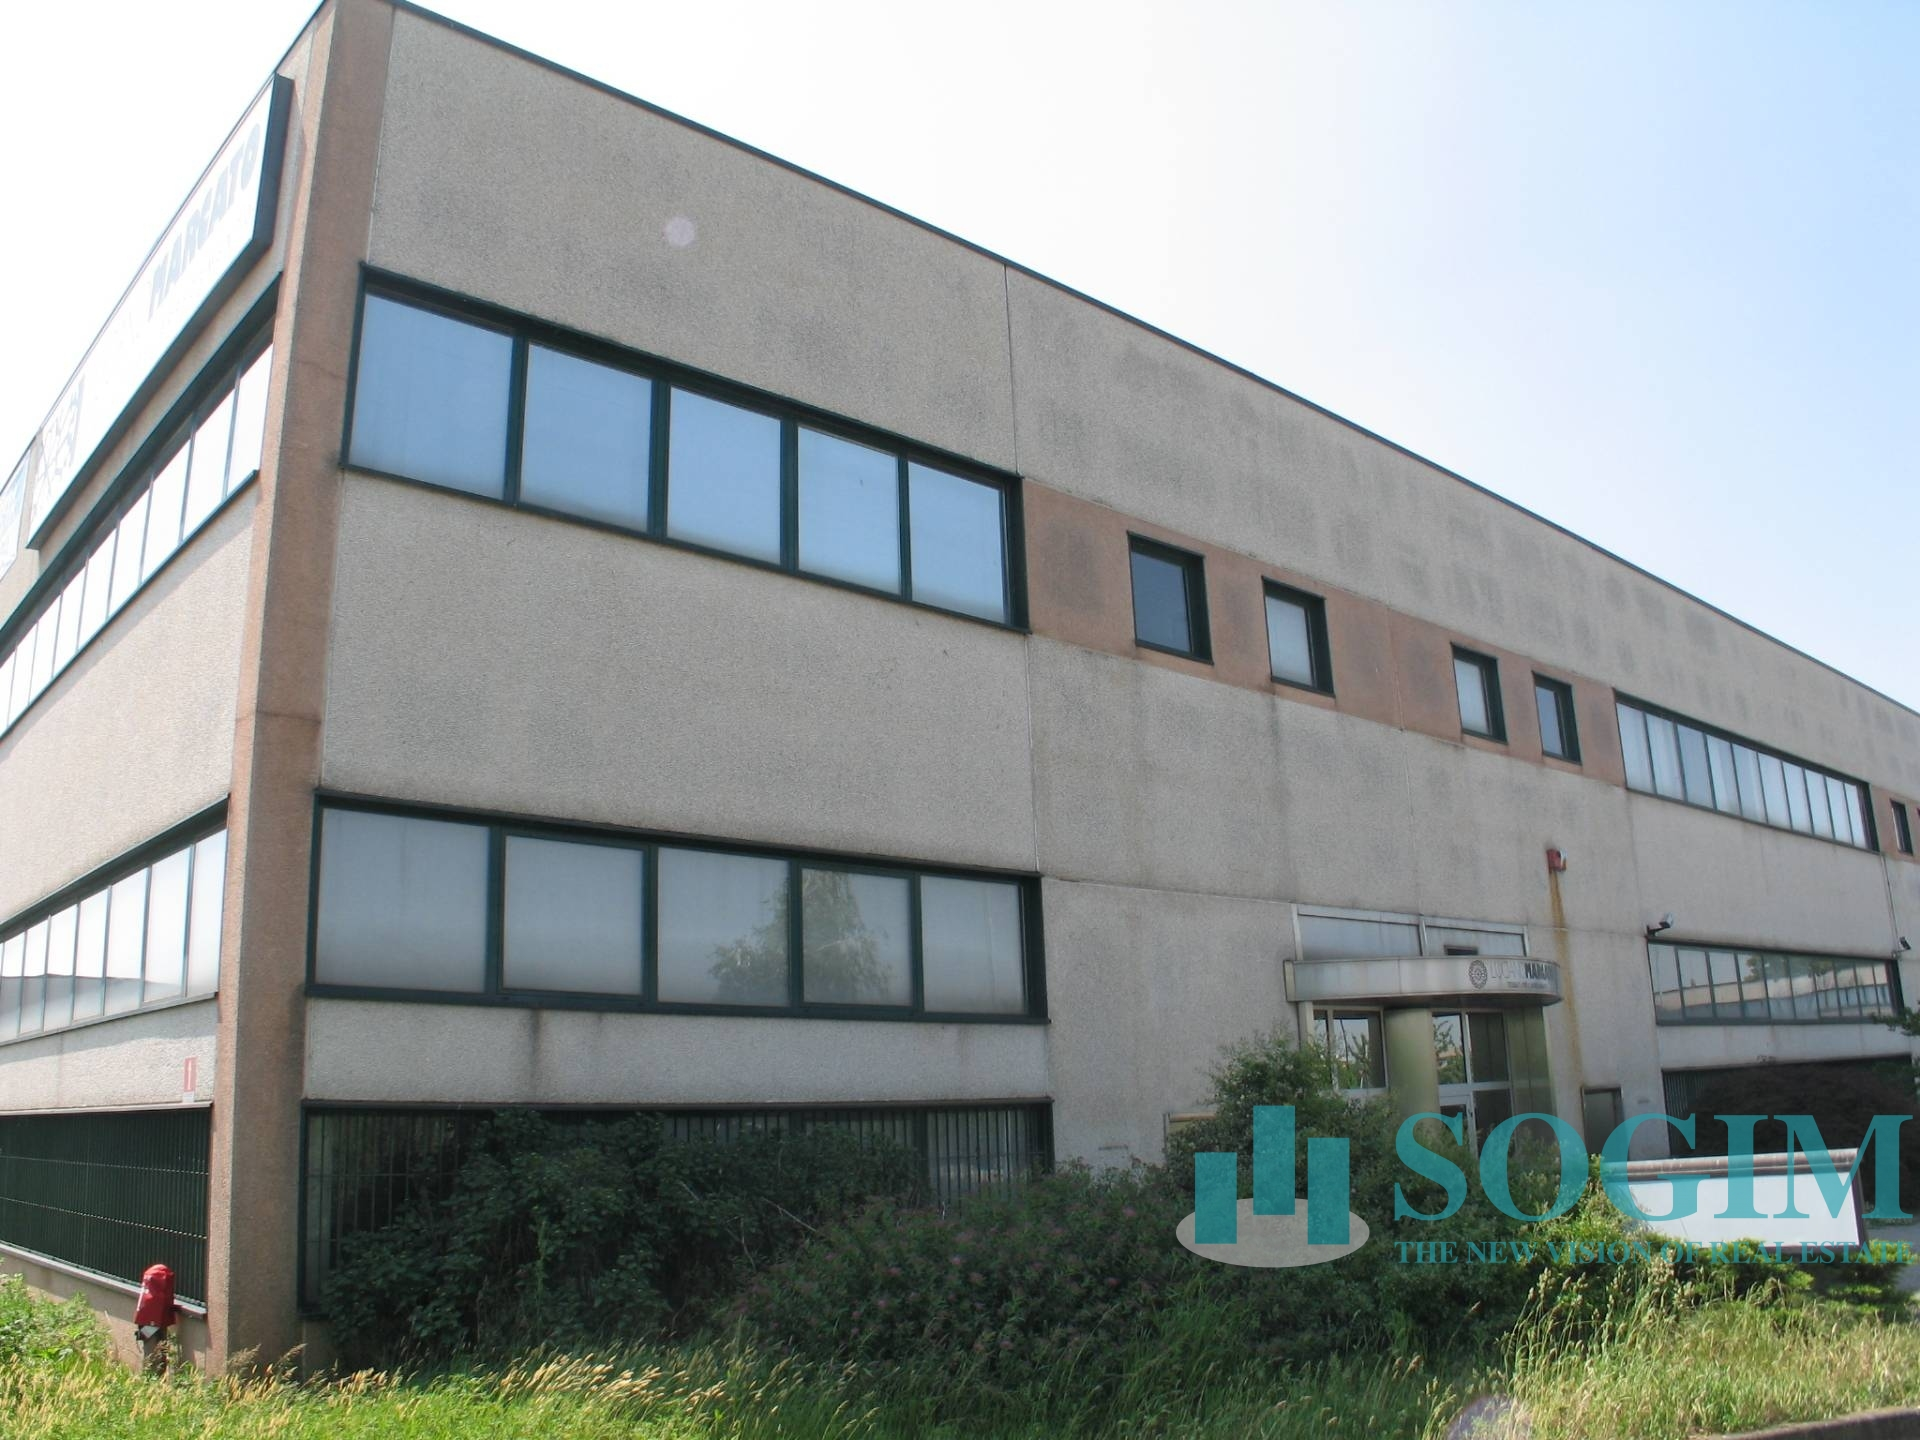 Ufficio in Vendita a Cinisello Balsamo  rif. 7153